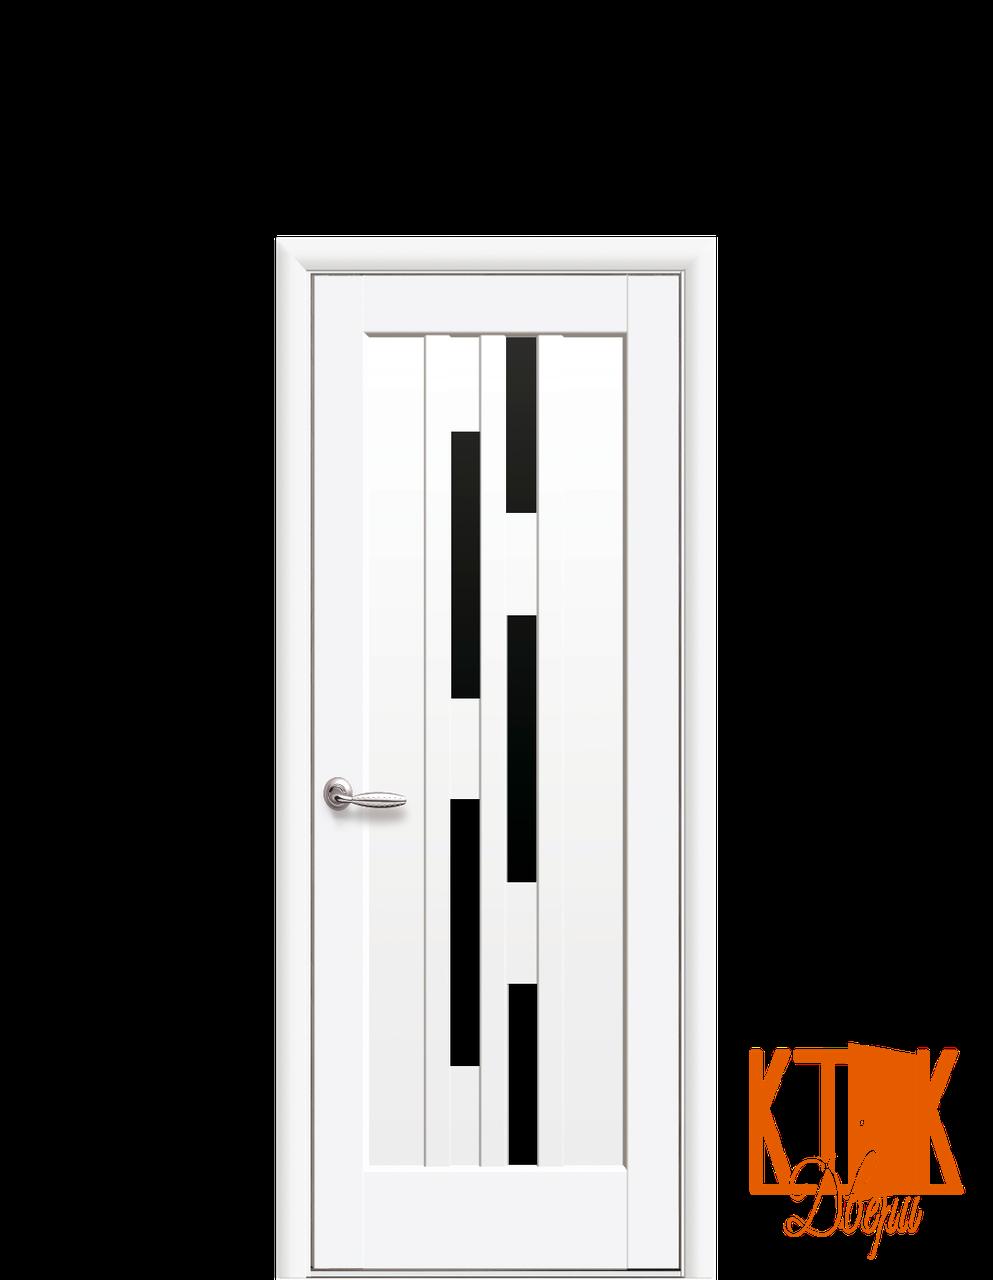 Міжкімнатні двері Новий Стиль Лаура чорне скло (матовий білий)